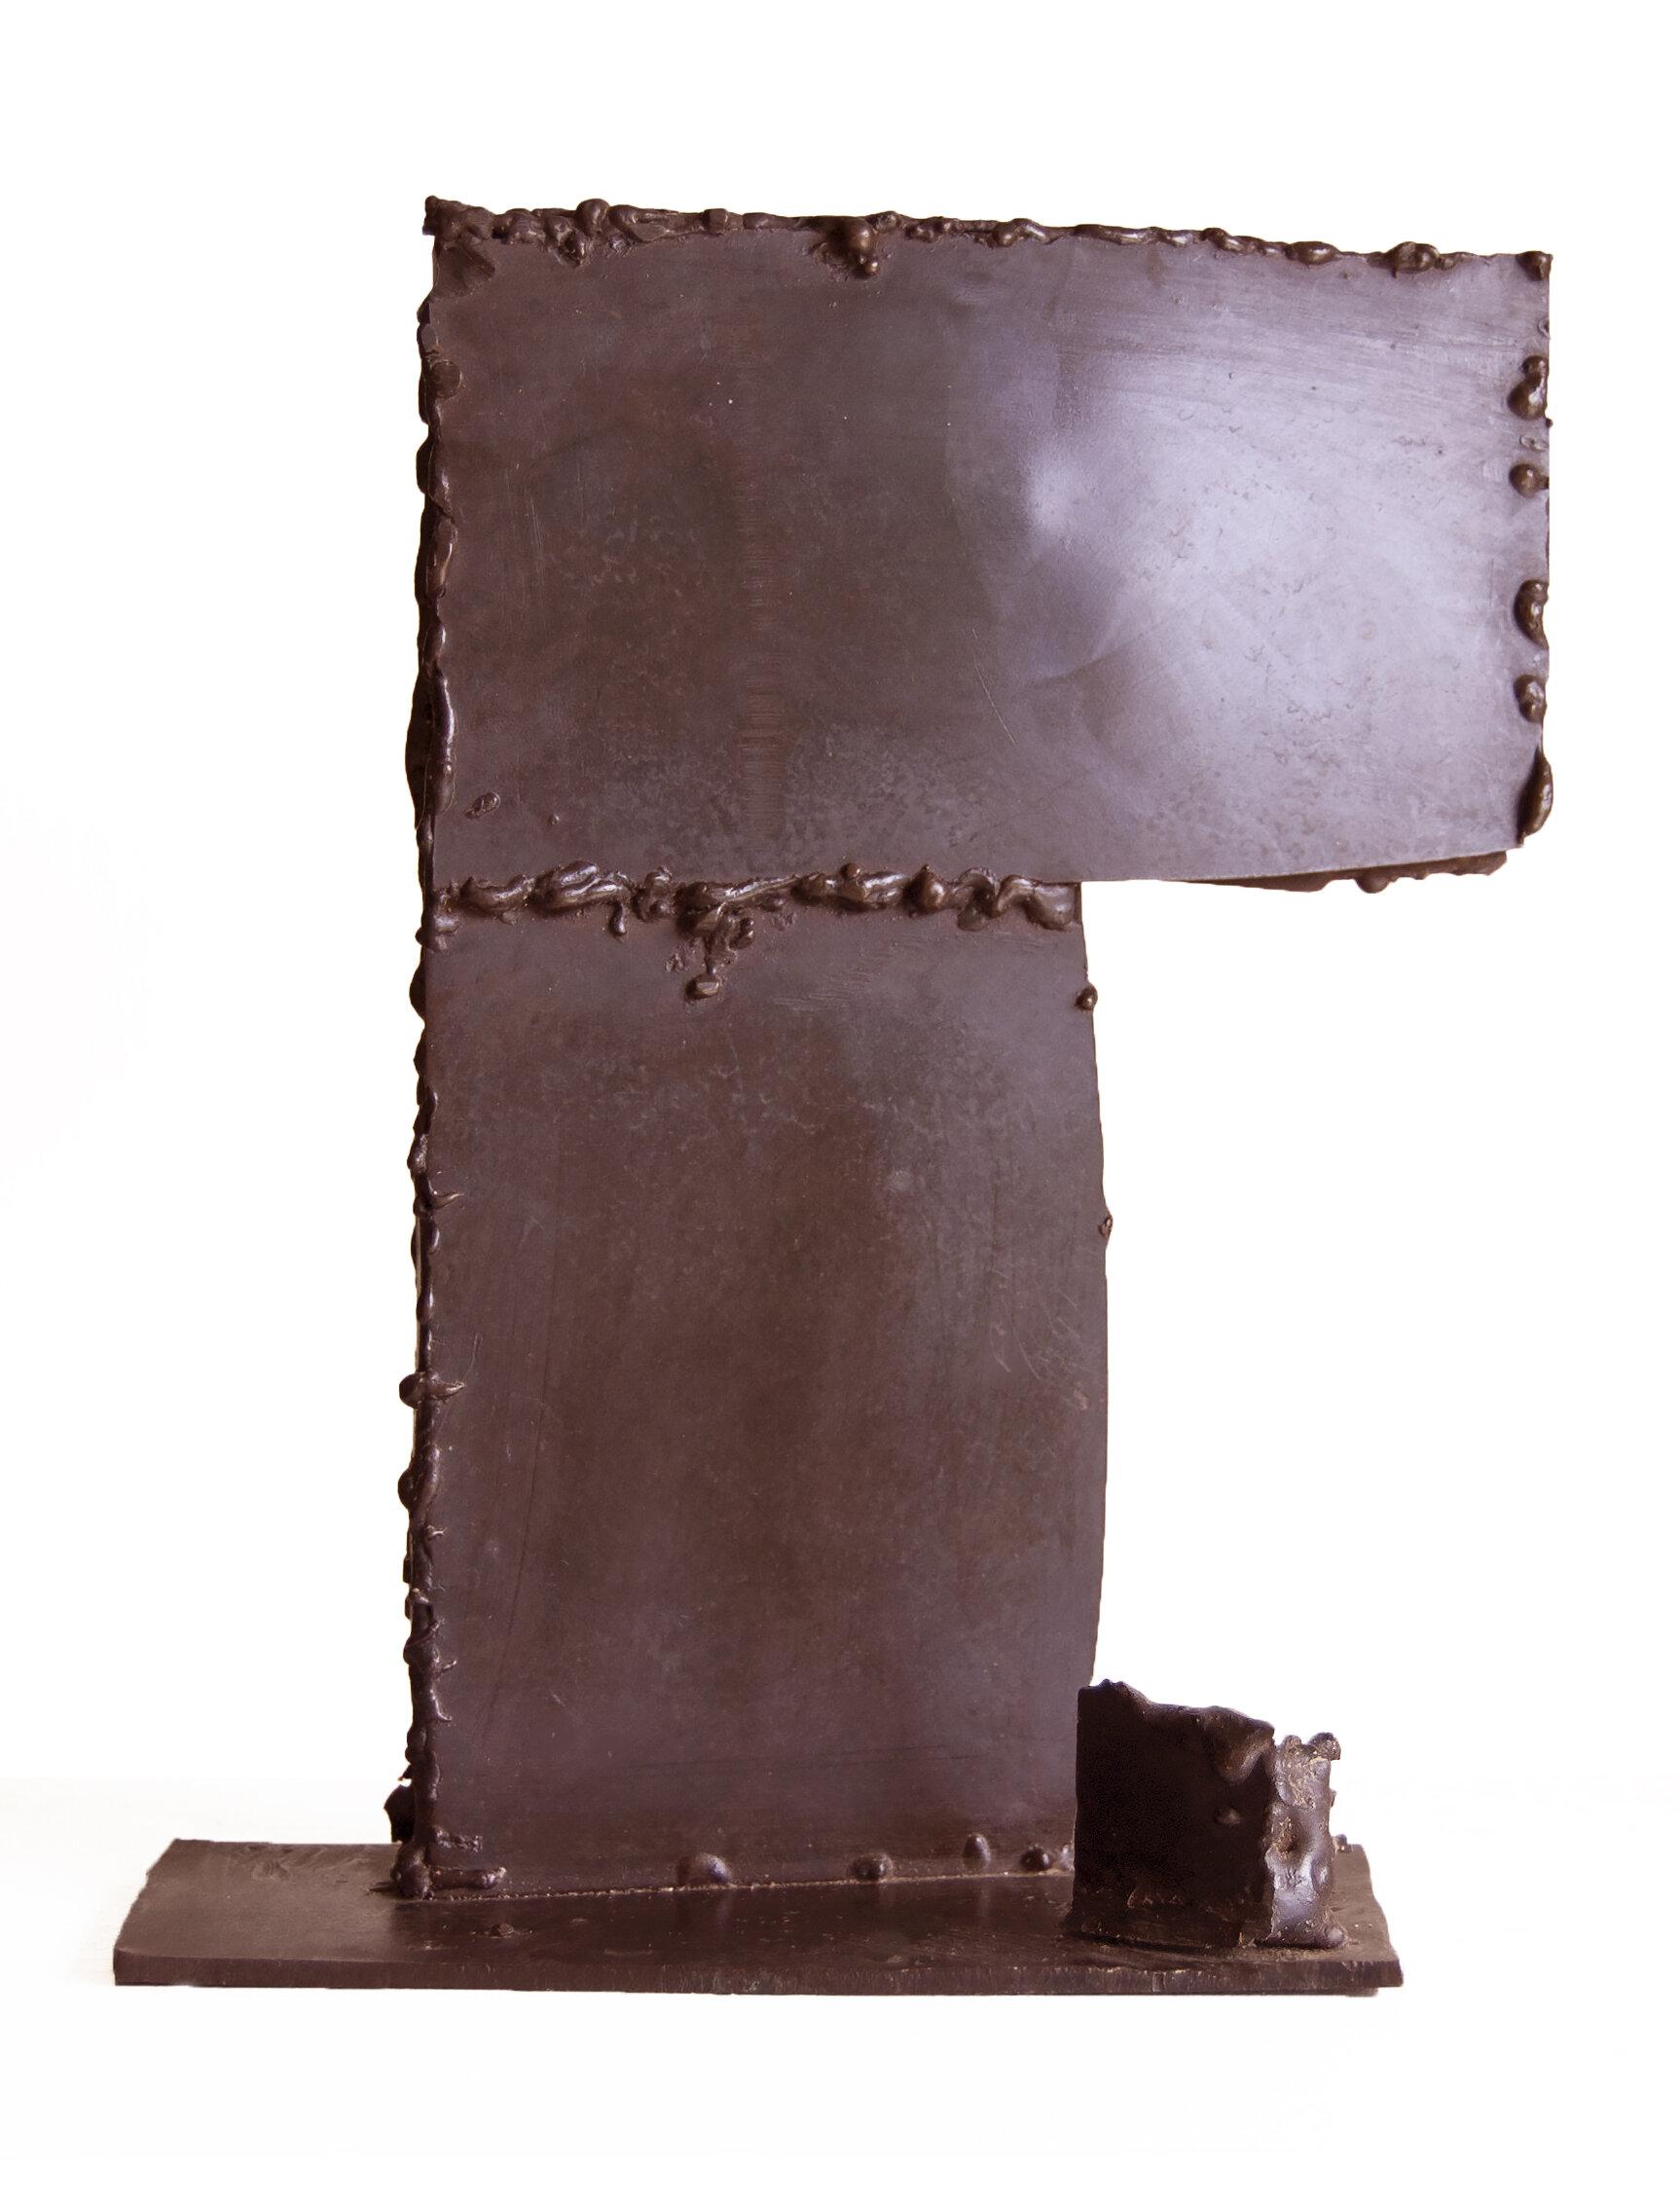 Corner, welded bronze, 20 in high, $3000